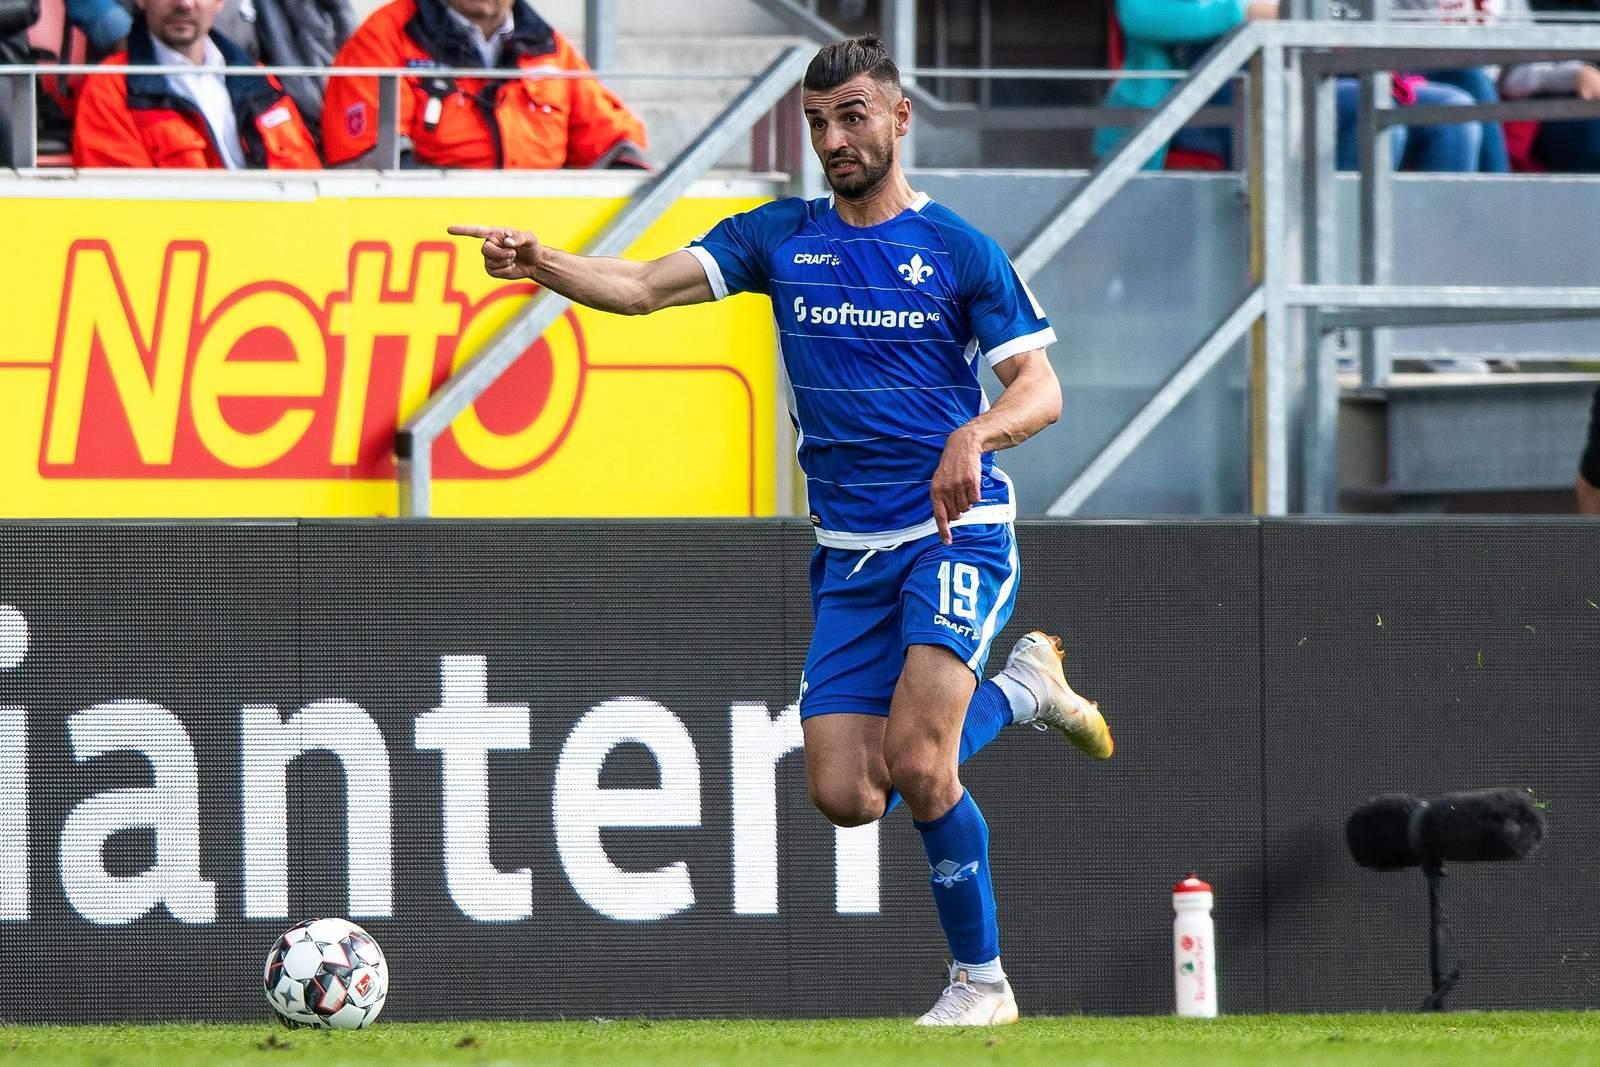 Holt sich Serdar Dursun drei Punkte im Duell mit seinem Ex-Klub? Jetzt auf Darmstadt gegen Fürth wetten.